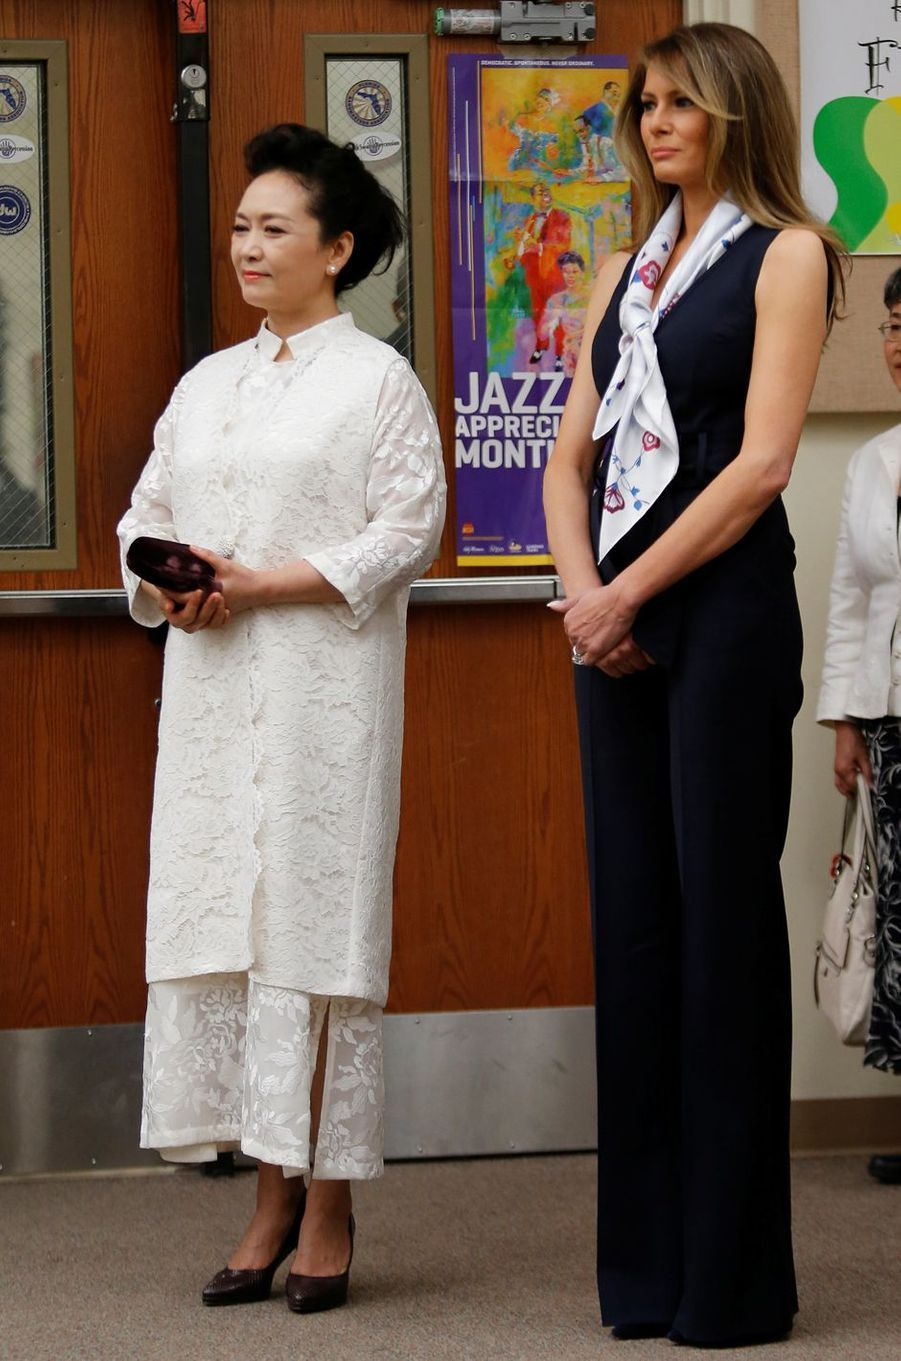 Melania Trump lors de la visite d'une école avec la Première dame chinoise Peng Liyuan à Palm Beach, le 7 avril 2017.